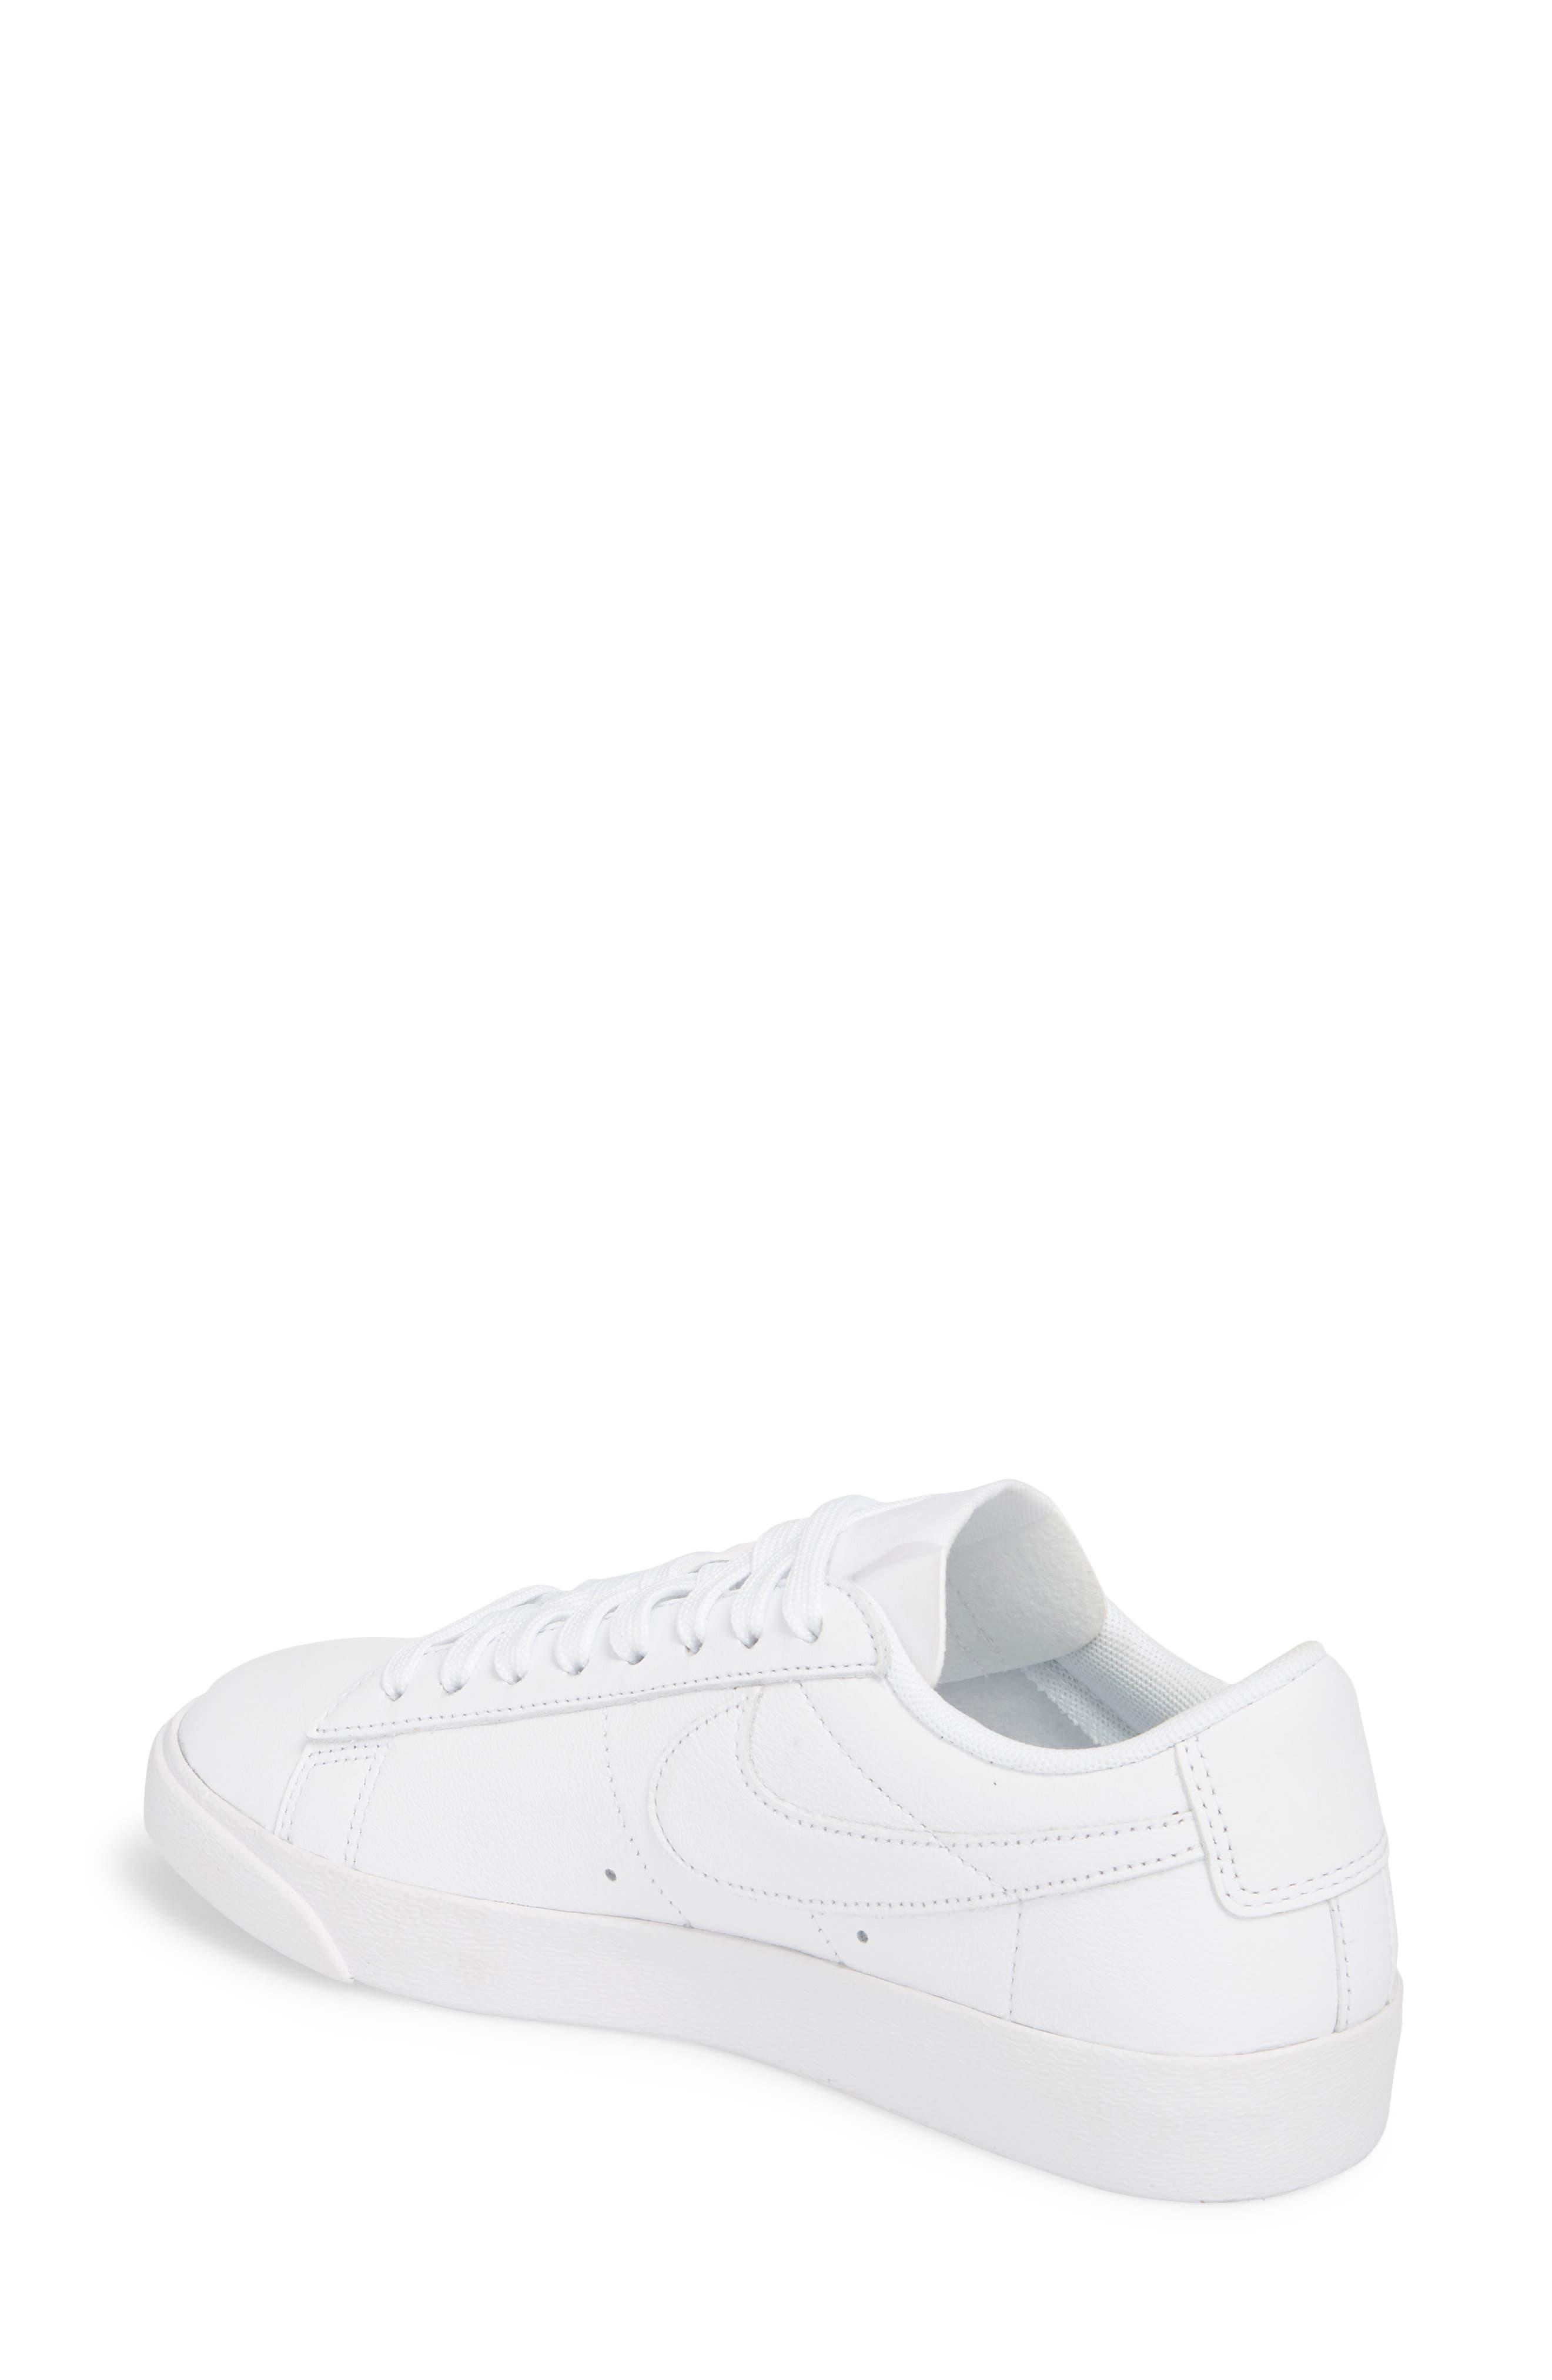 Blazer Low LE Sneaker,                             Alternate thumbnail 2, color,                             WHITE/ WHITE-WHITE